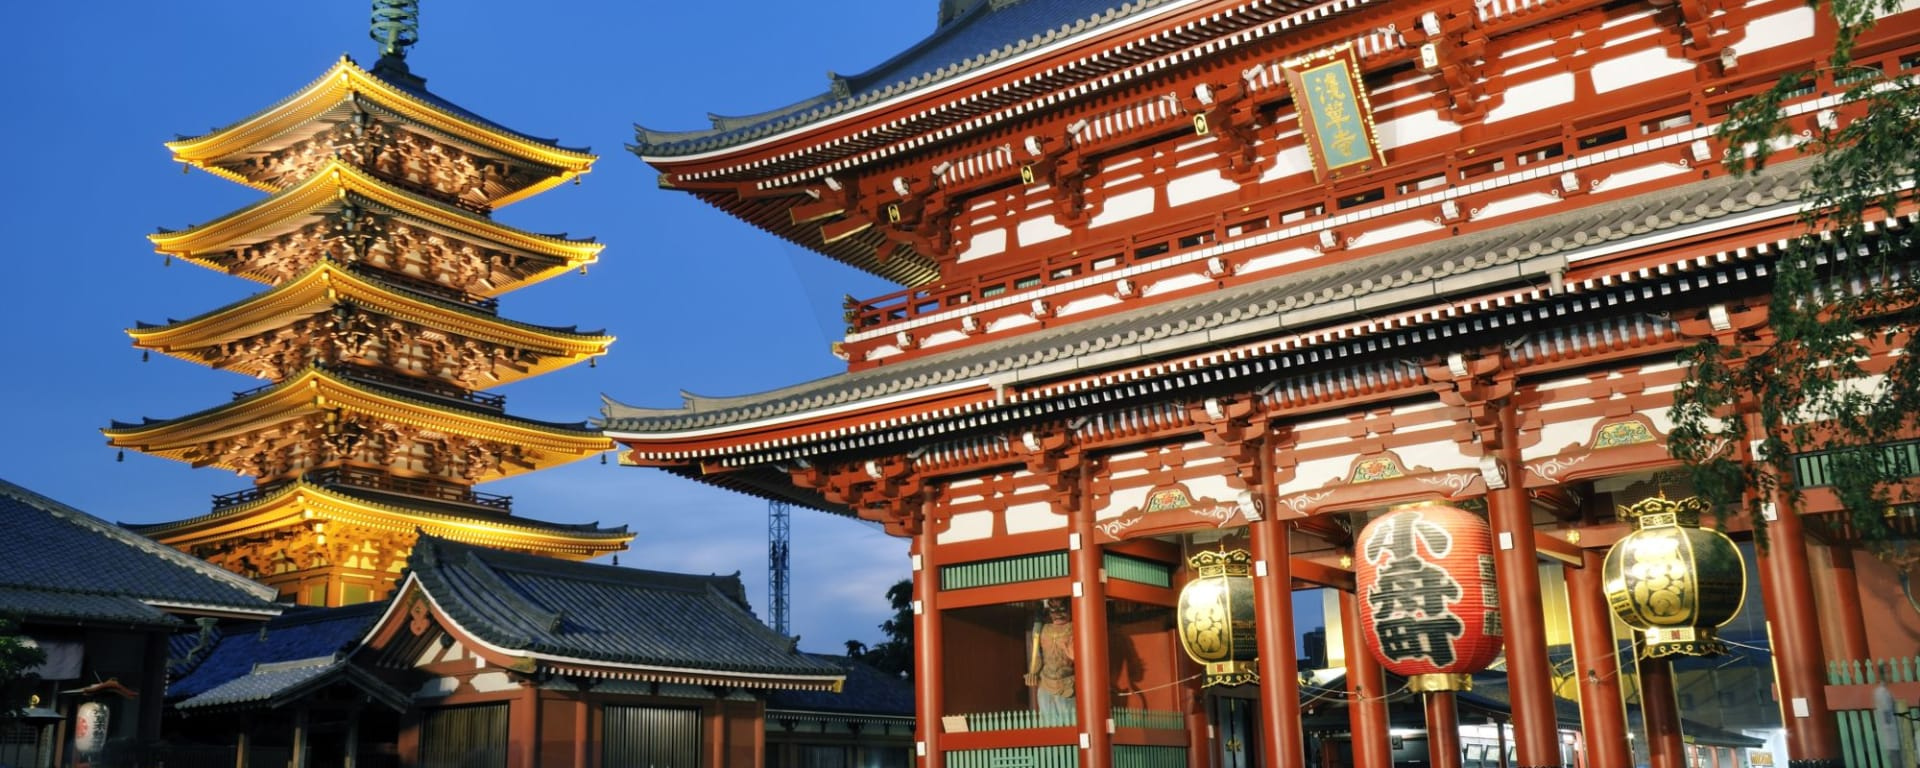 Tour de ville - une journée à Tokyo: Tokyo Senso-ji (Kannon) Temple Asakusa